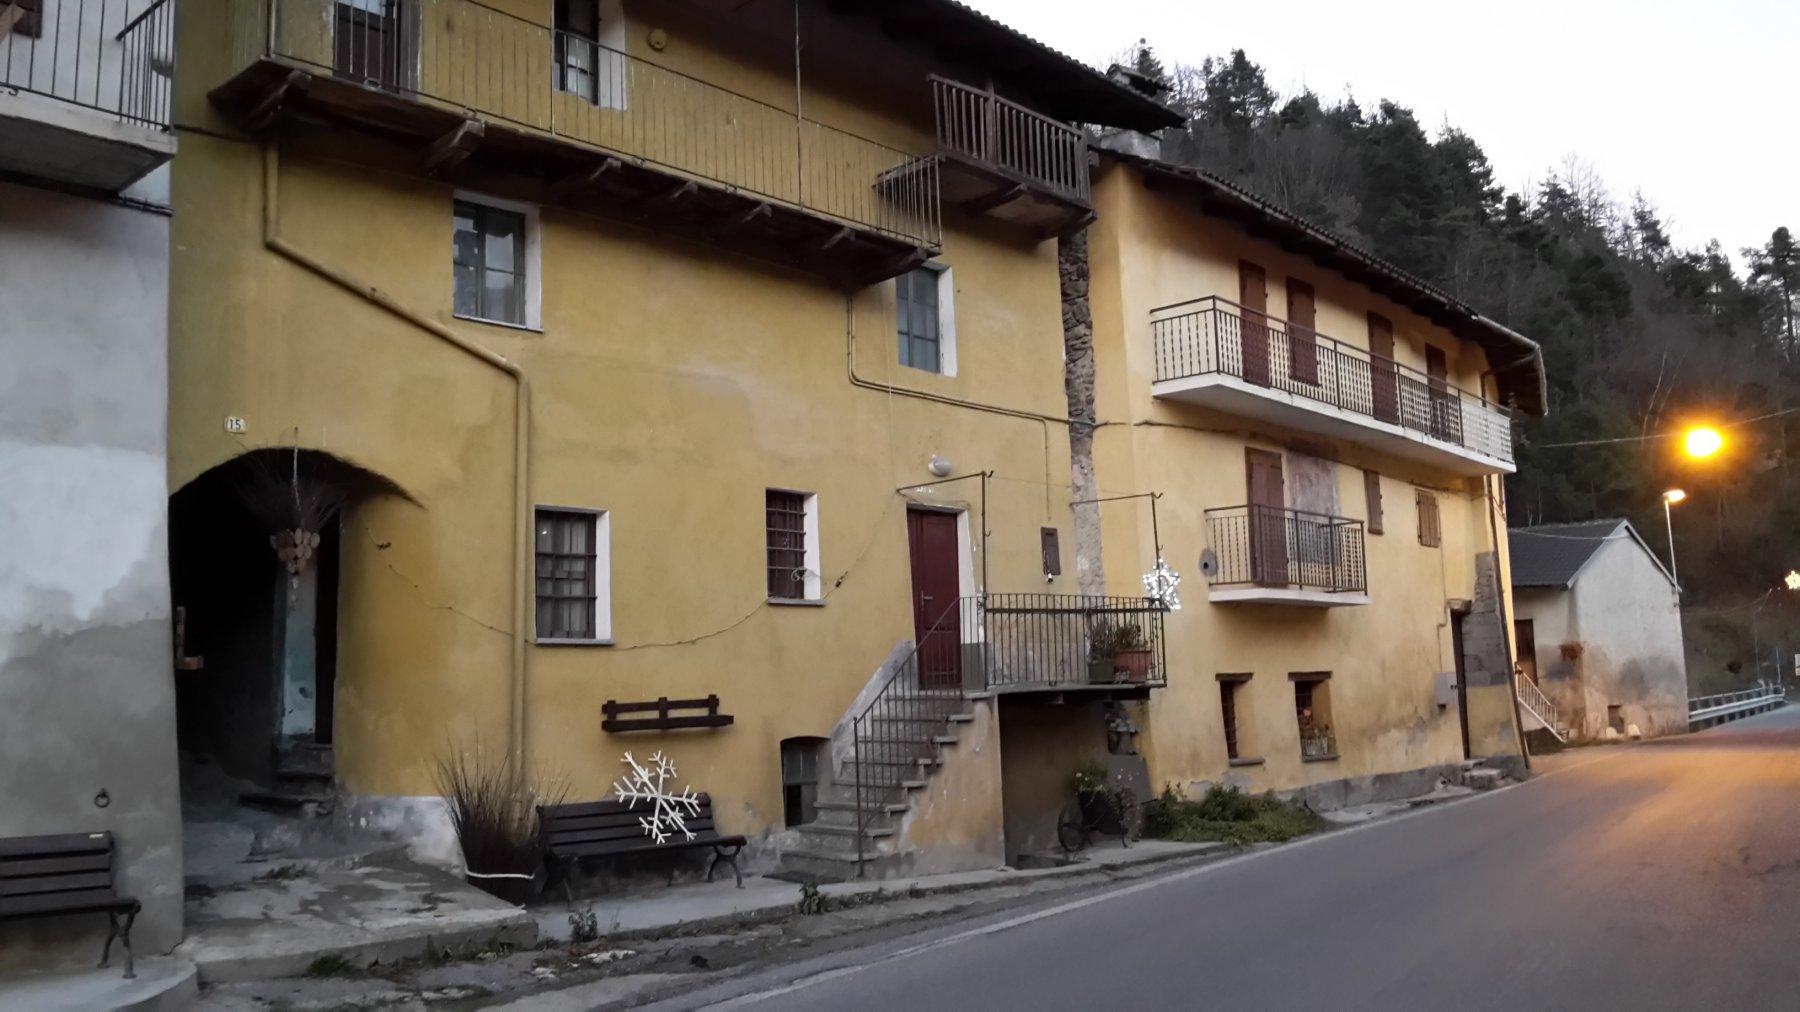 inizio sentiero dall'androne al n.15 sotto una casa gialla, a circa 40 metri dal ponte di ingresso nella frazione